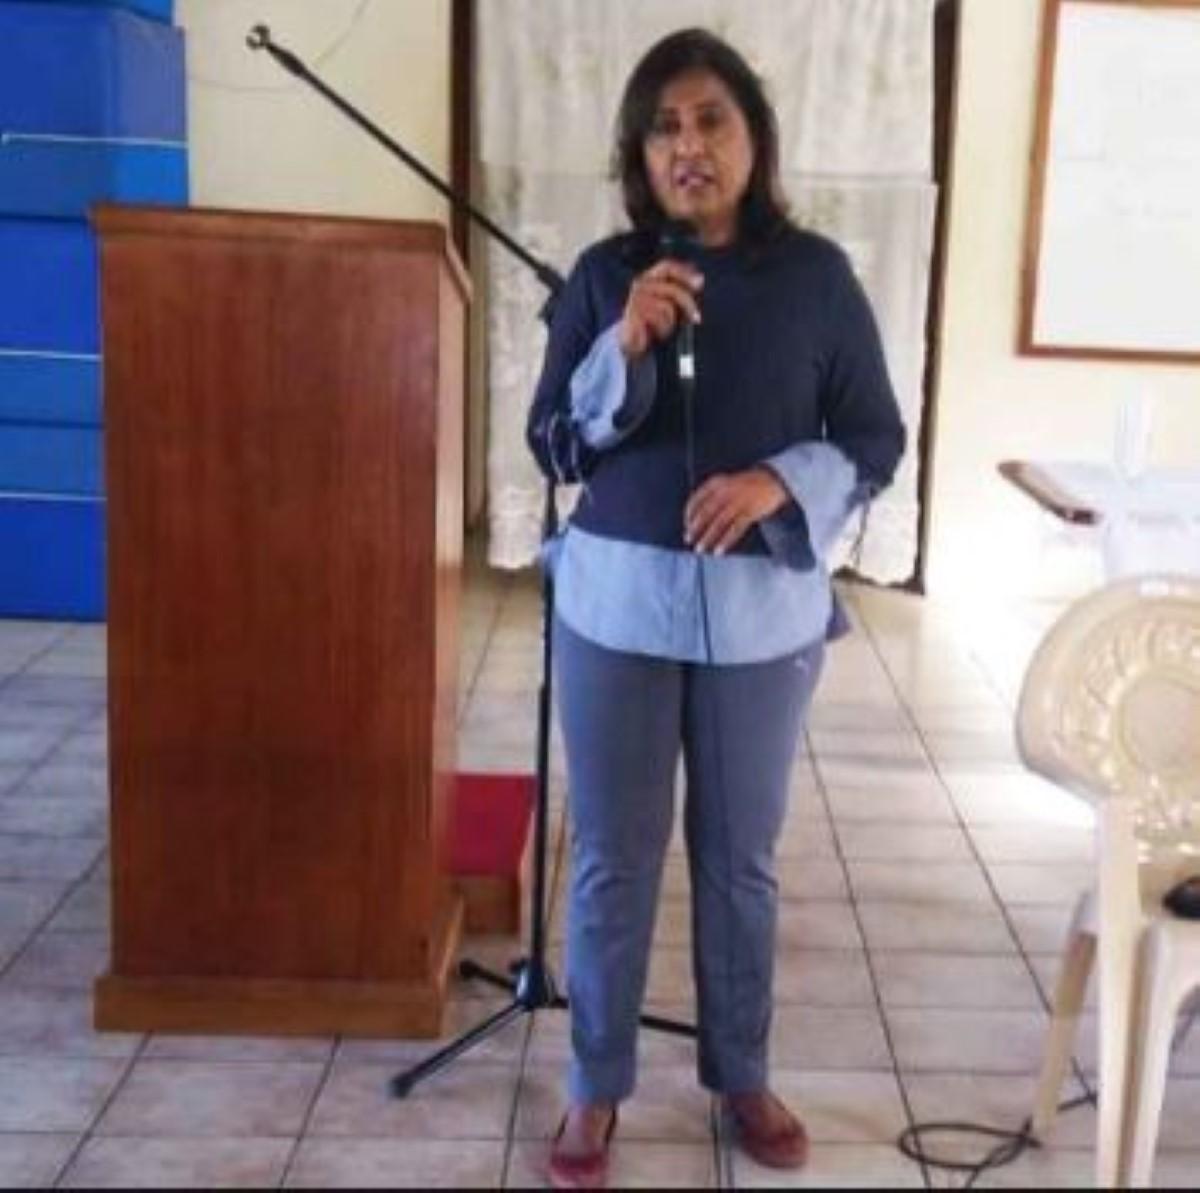 [Agaléga] Fazila Dawreeawoo après 48 heures de visite fait des promesses de Noël...